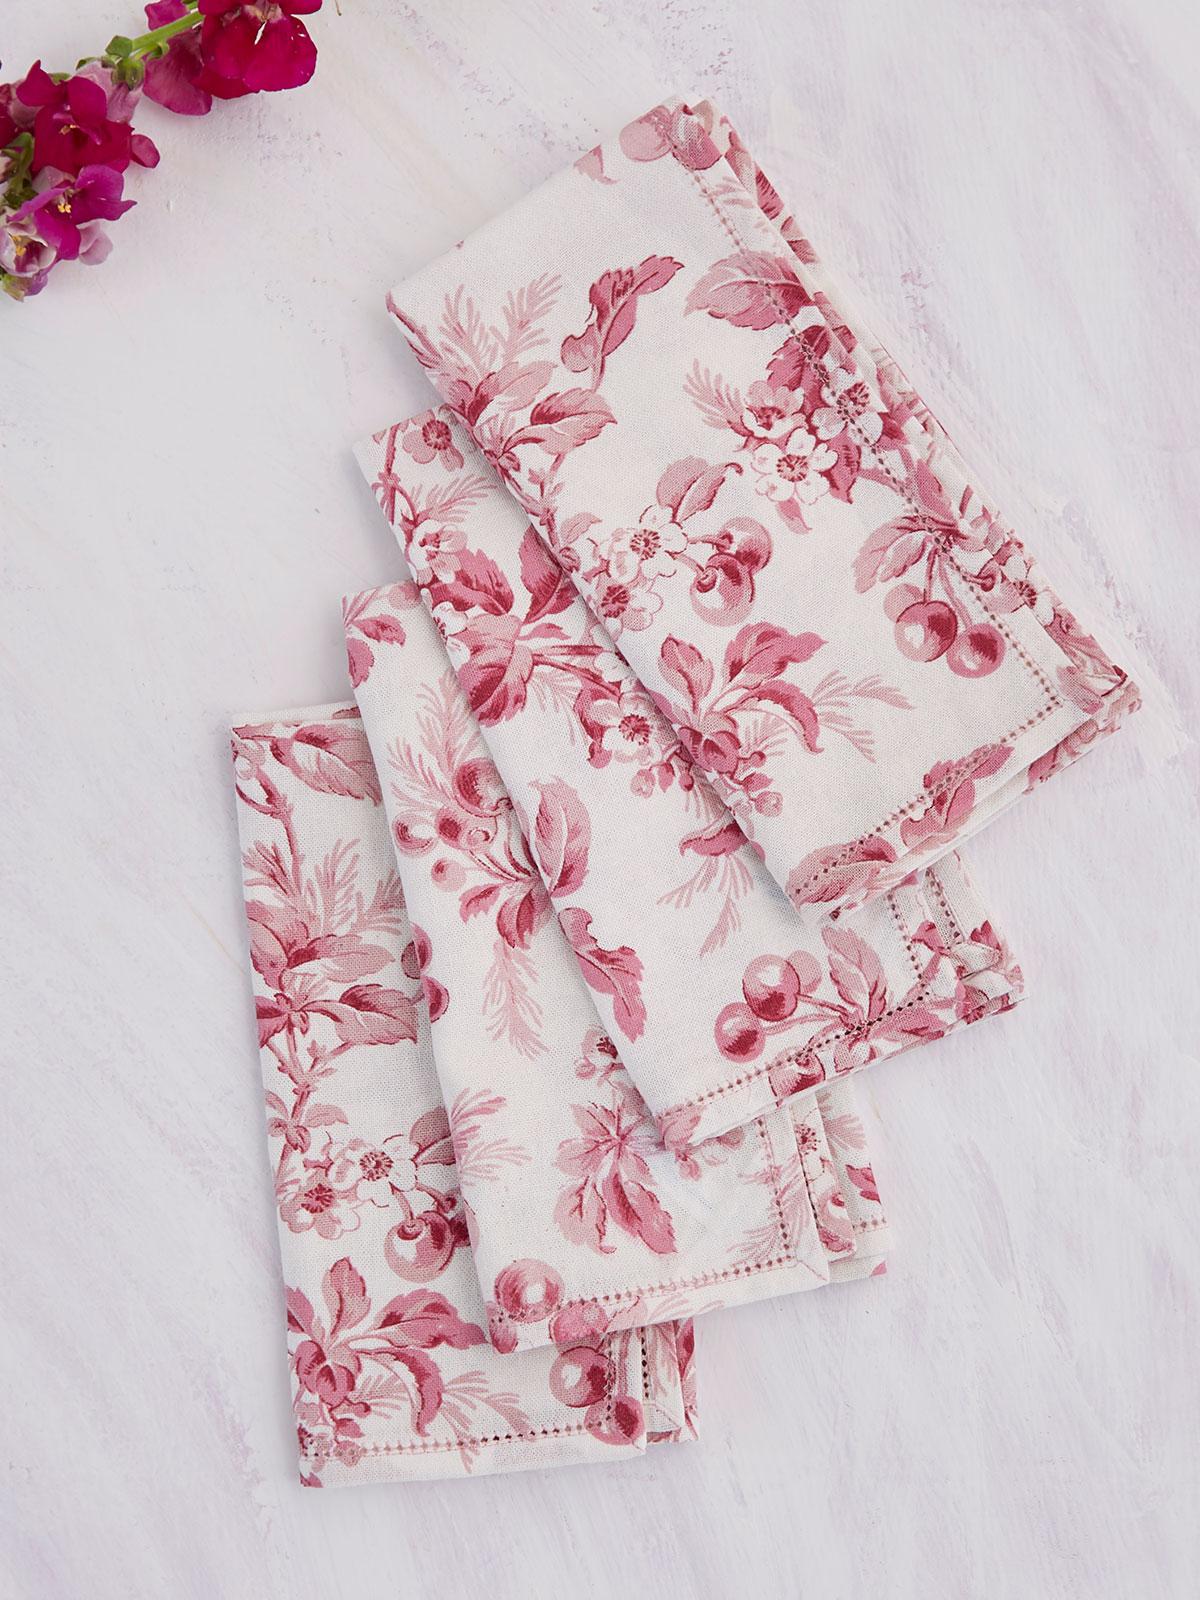 Cherry Blossom Napkin Set of 4